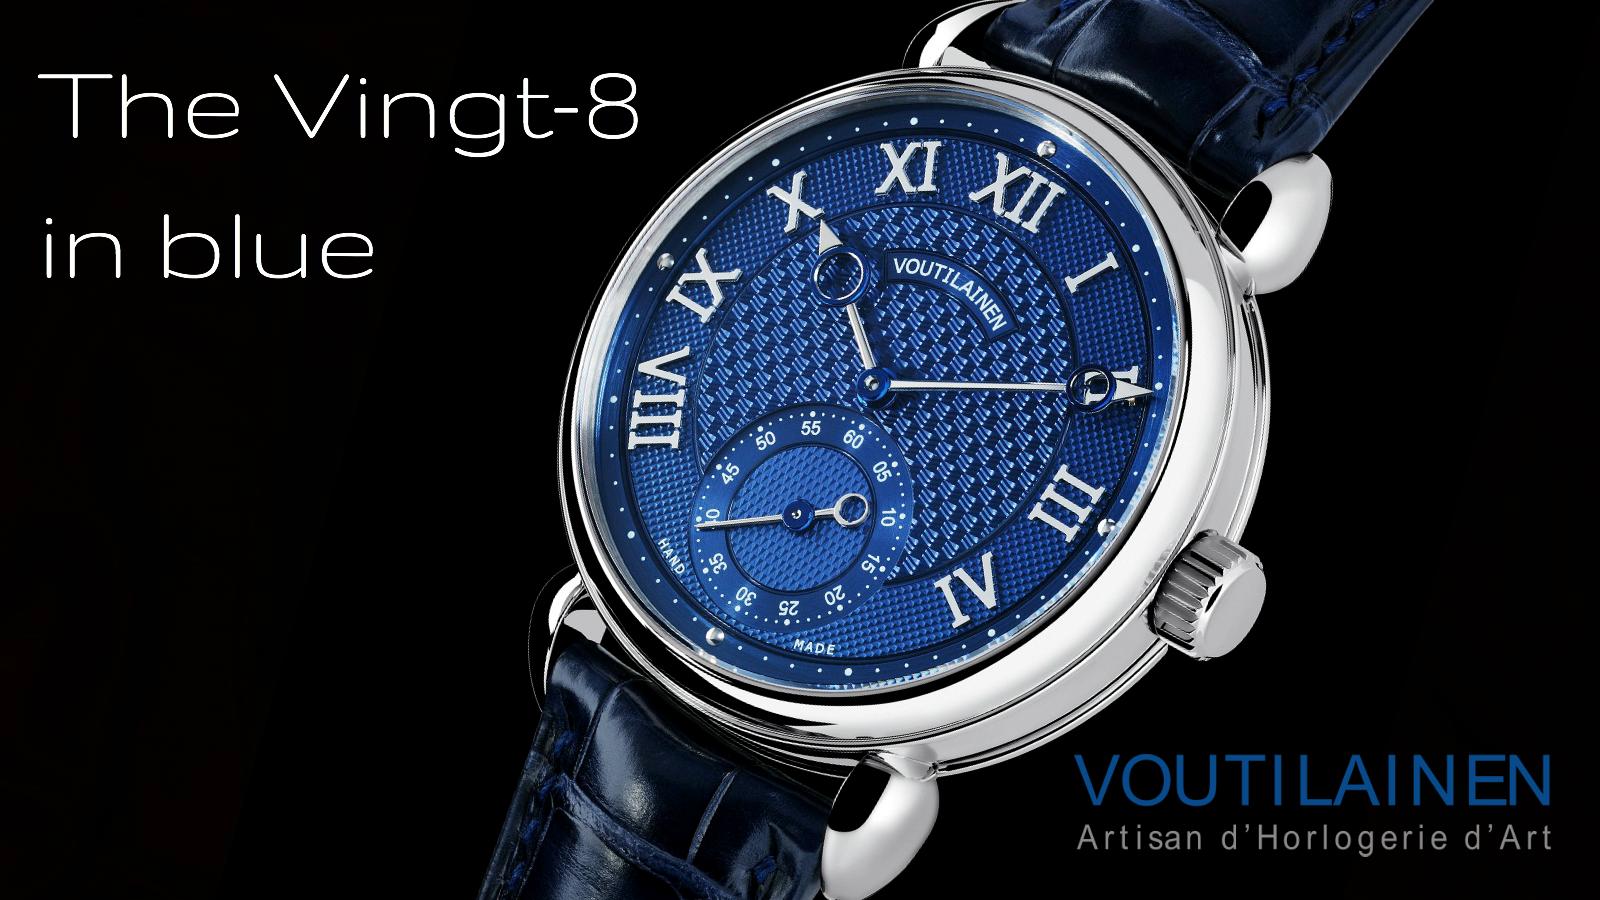 Vingt-8 by Kari Voutilainen at Chronolux Fine Watches